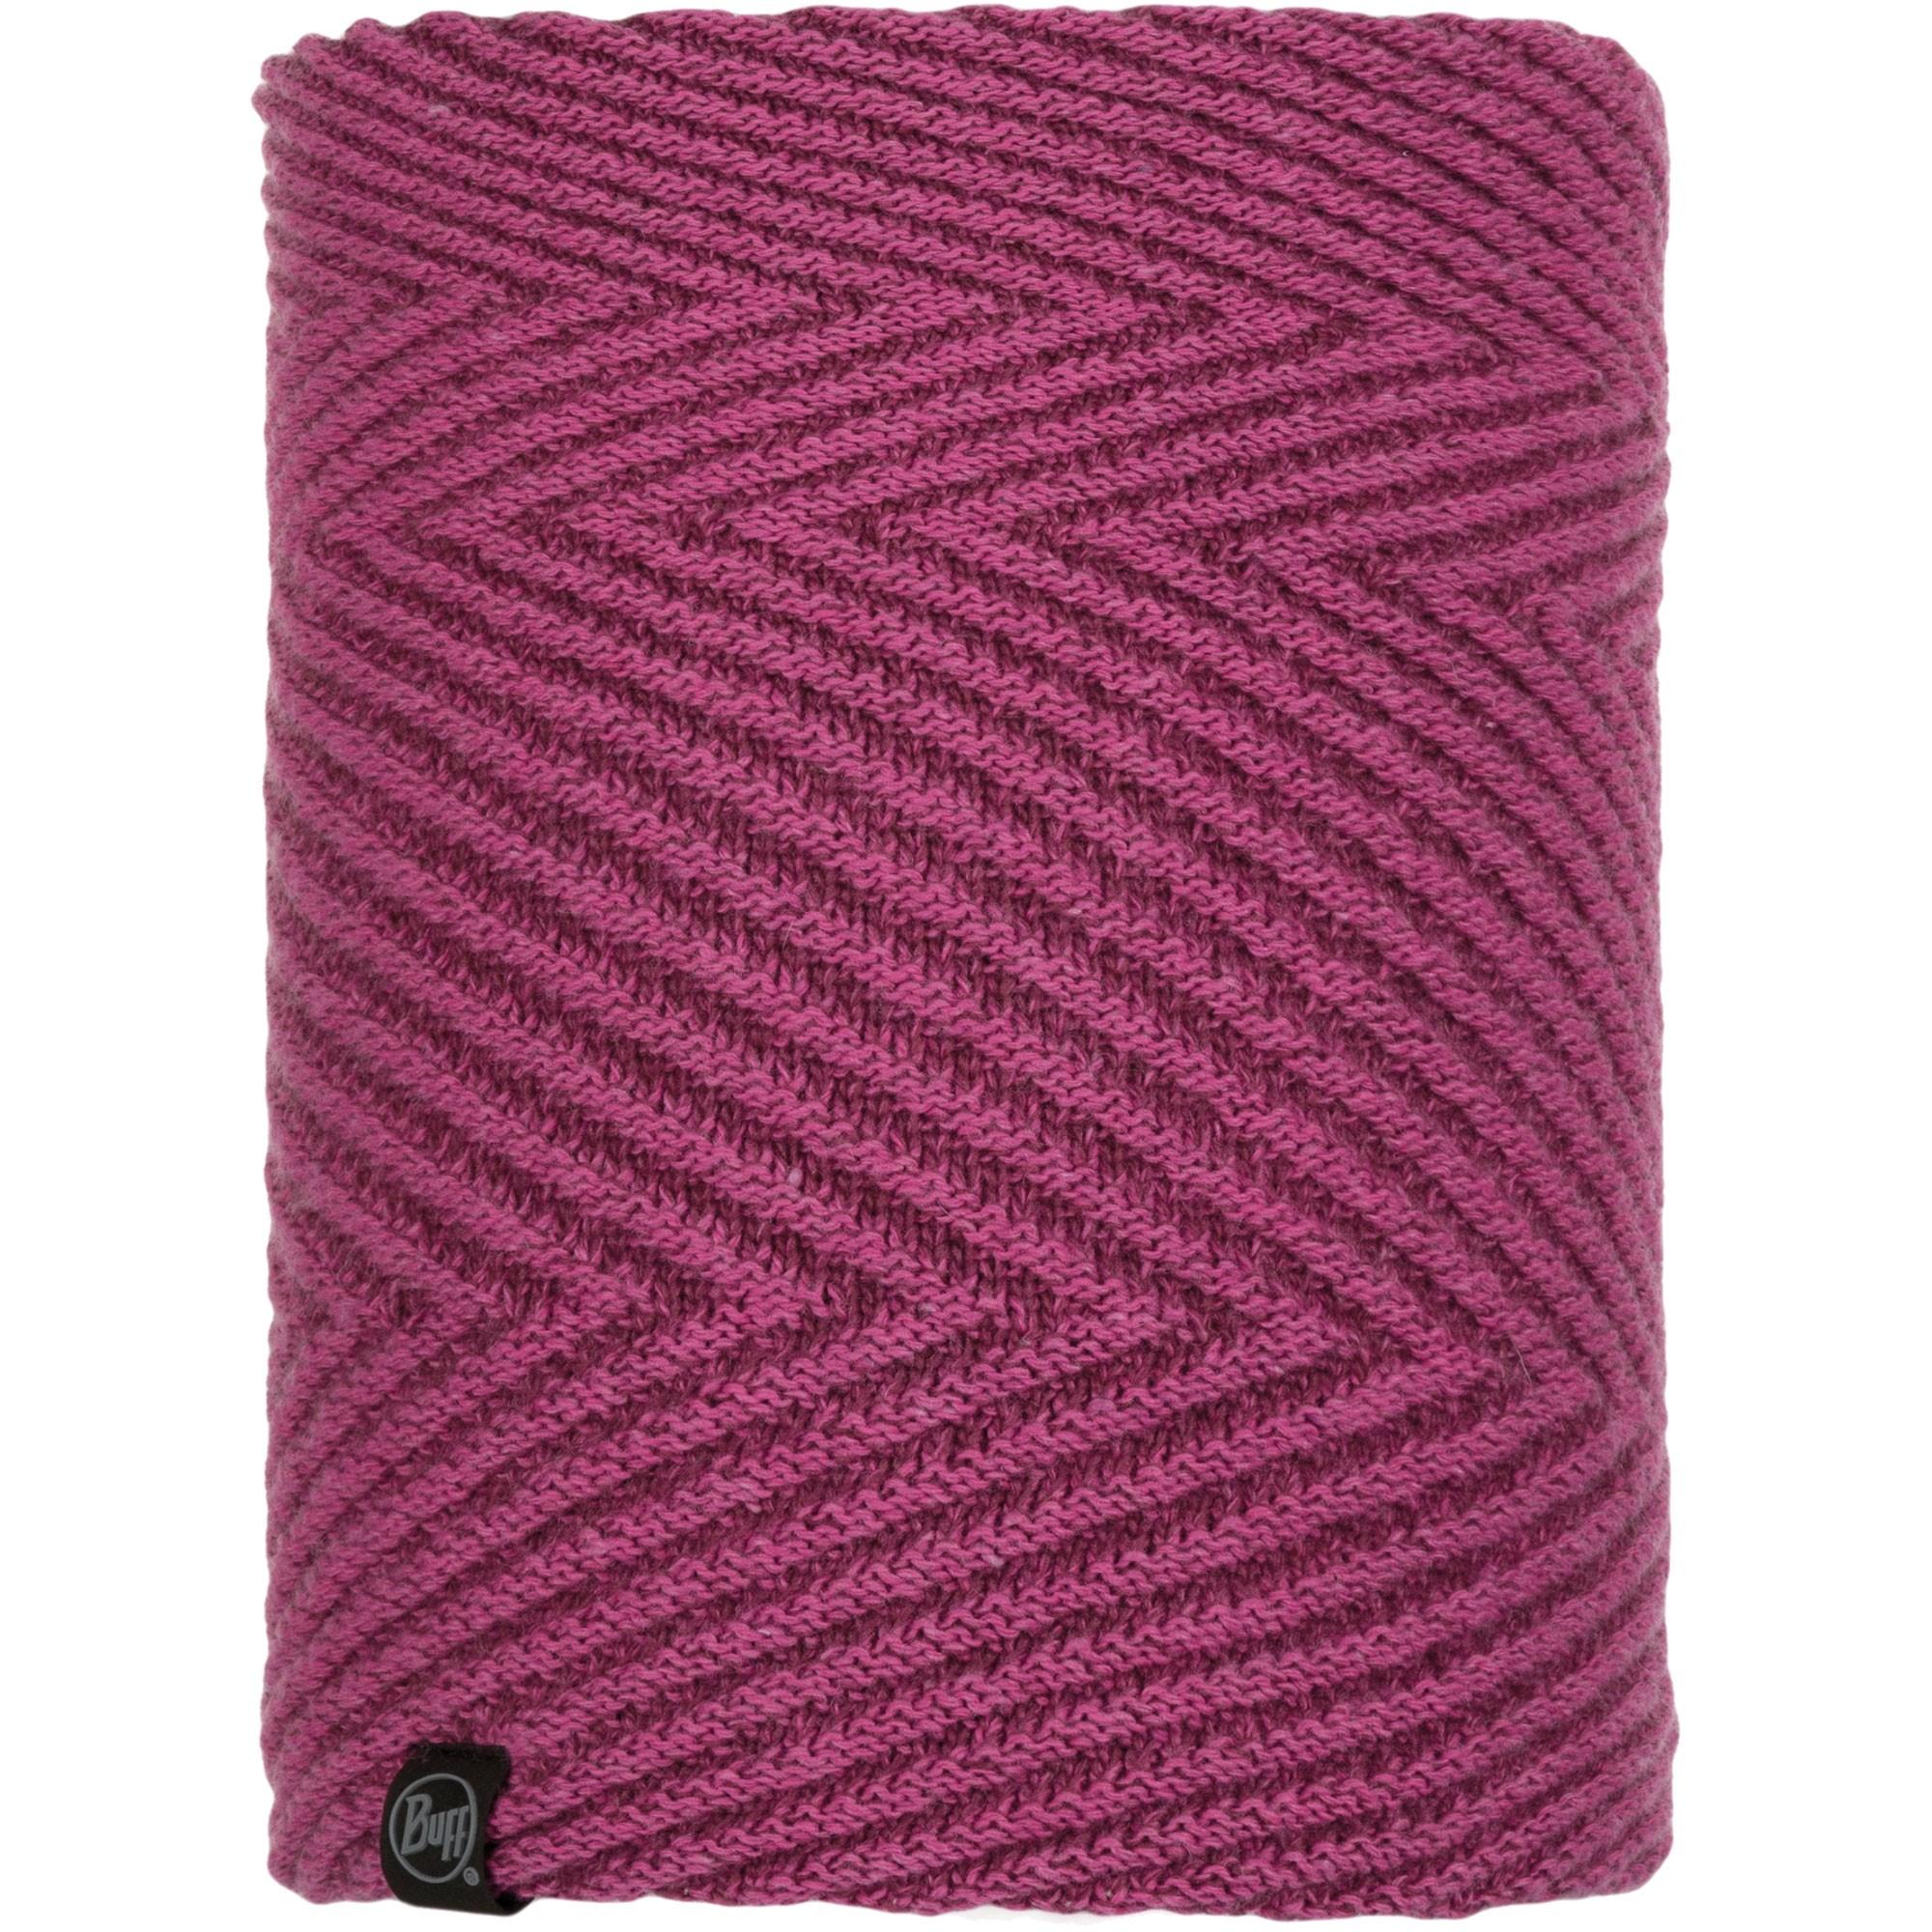 Buff Silja Knitted Neckwarmer - Purple